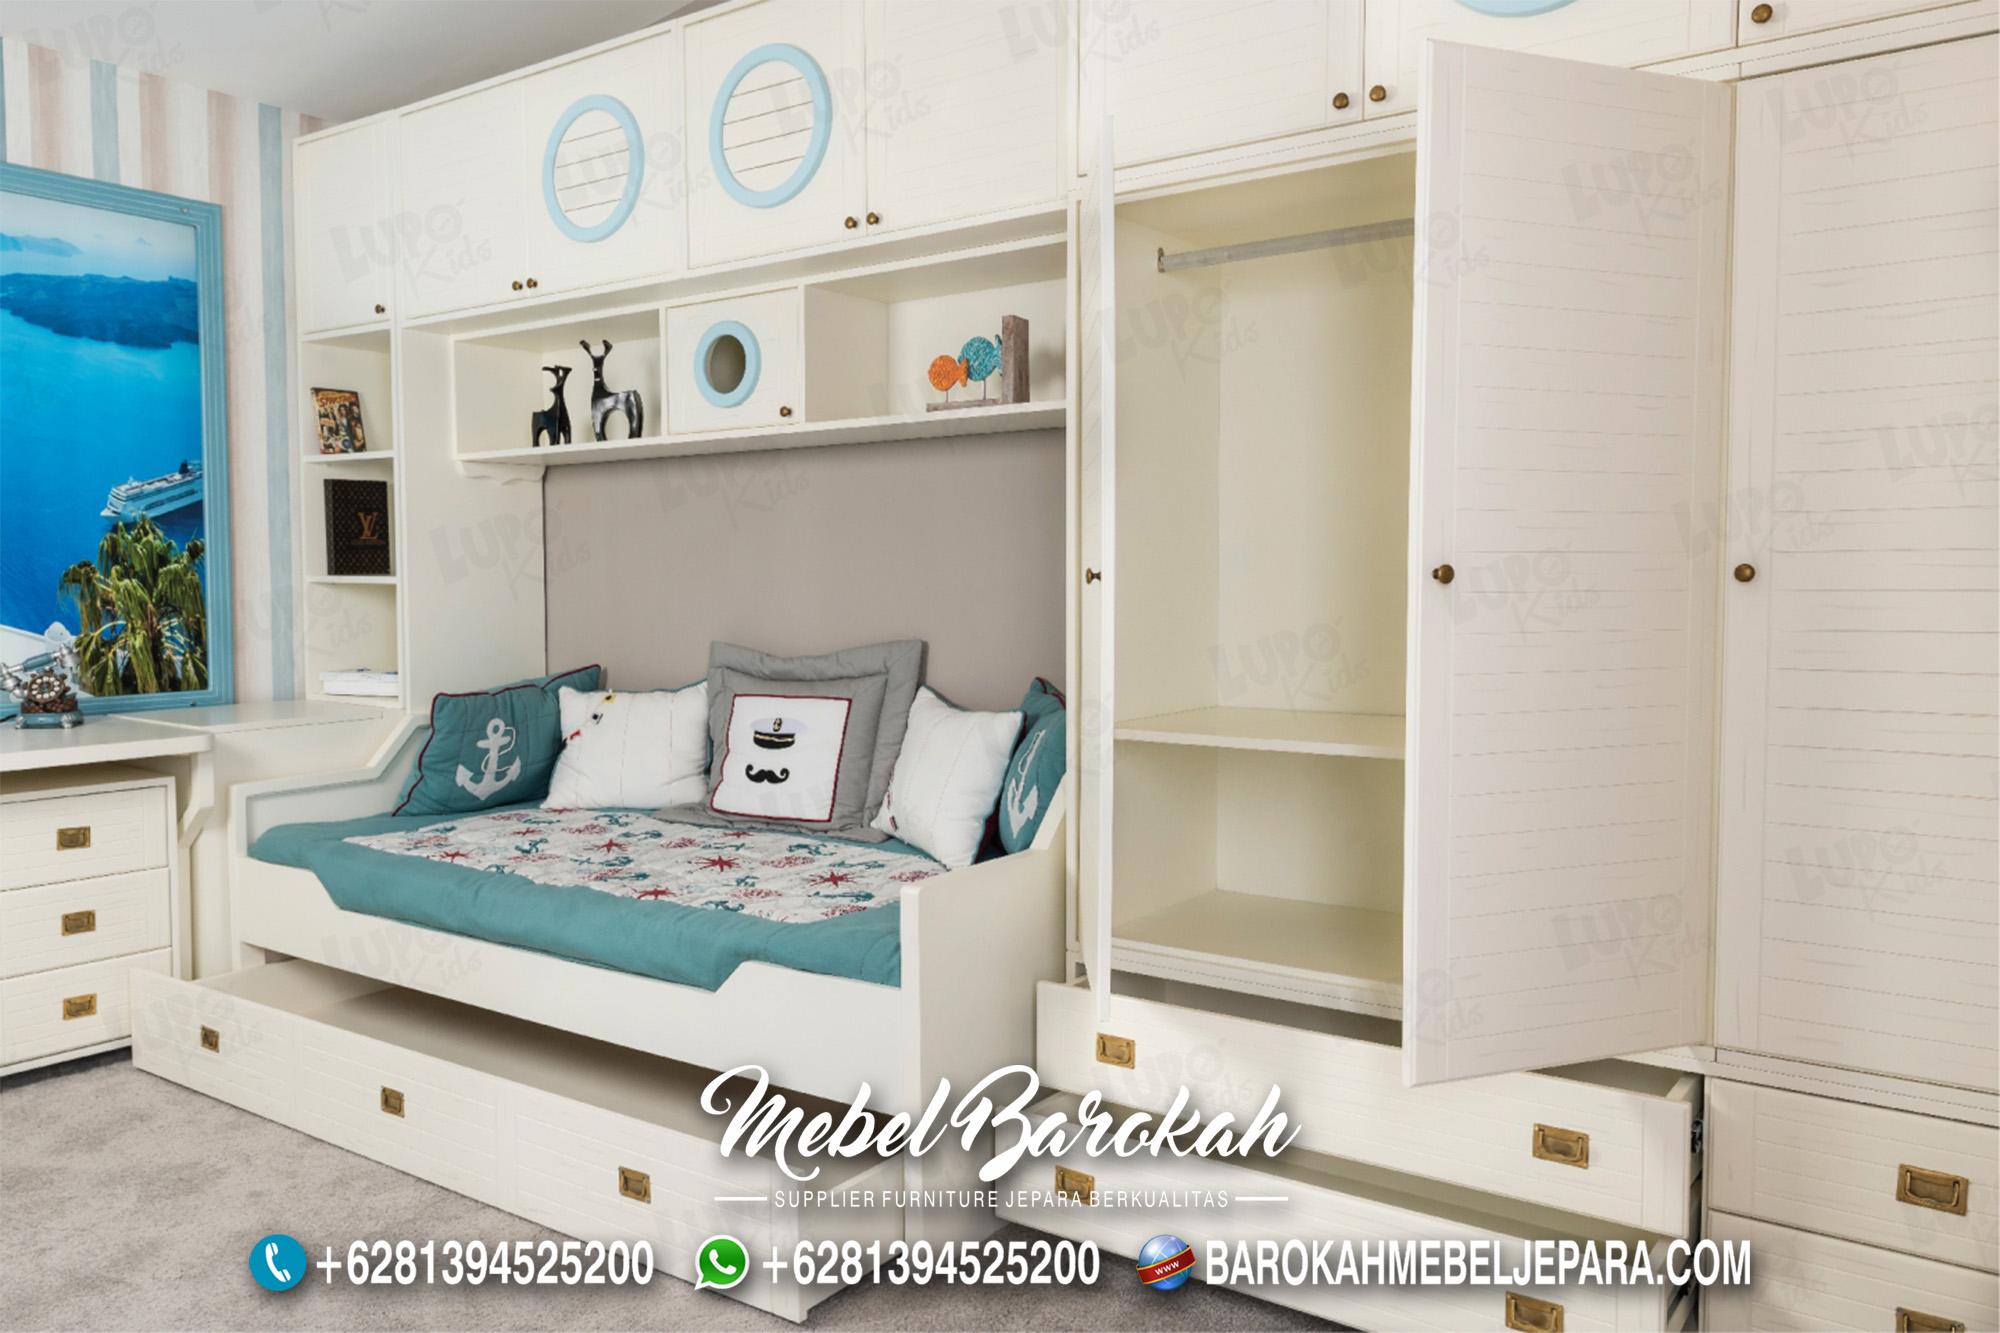 Inspirasi Desain Kamar Anak Minimalis Warna Putih Soft Mewah MB-591